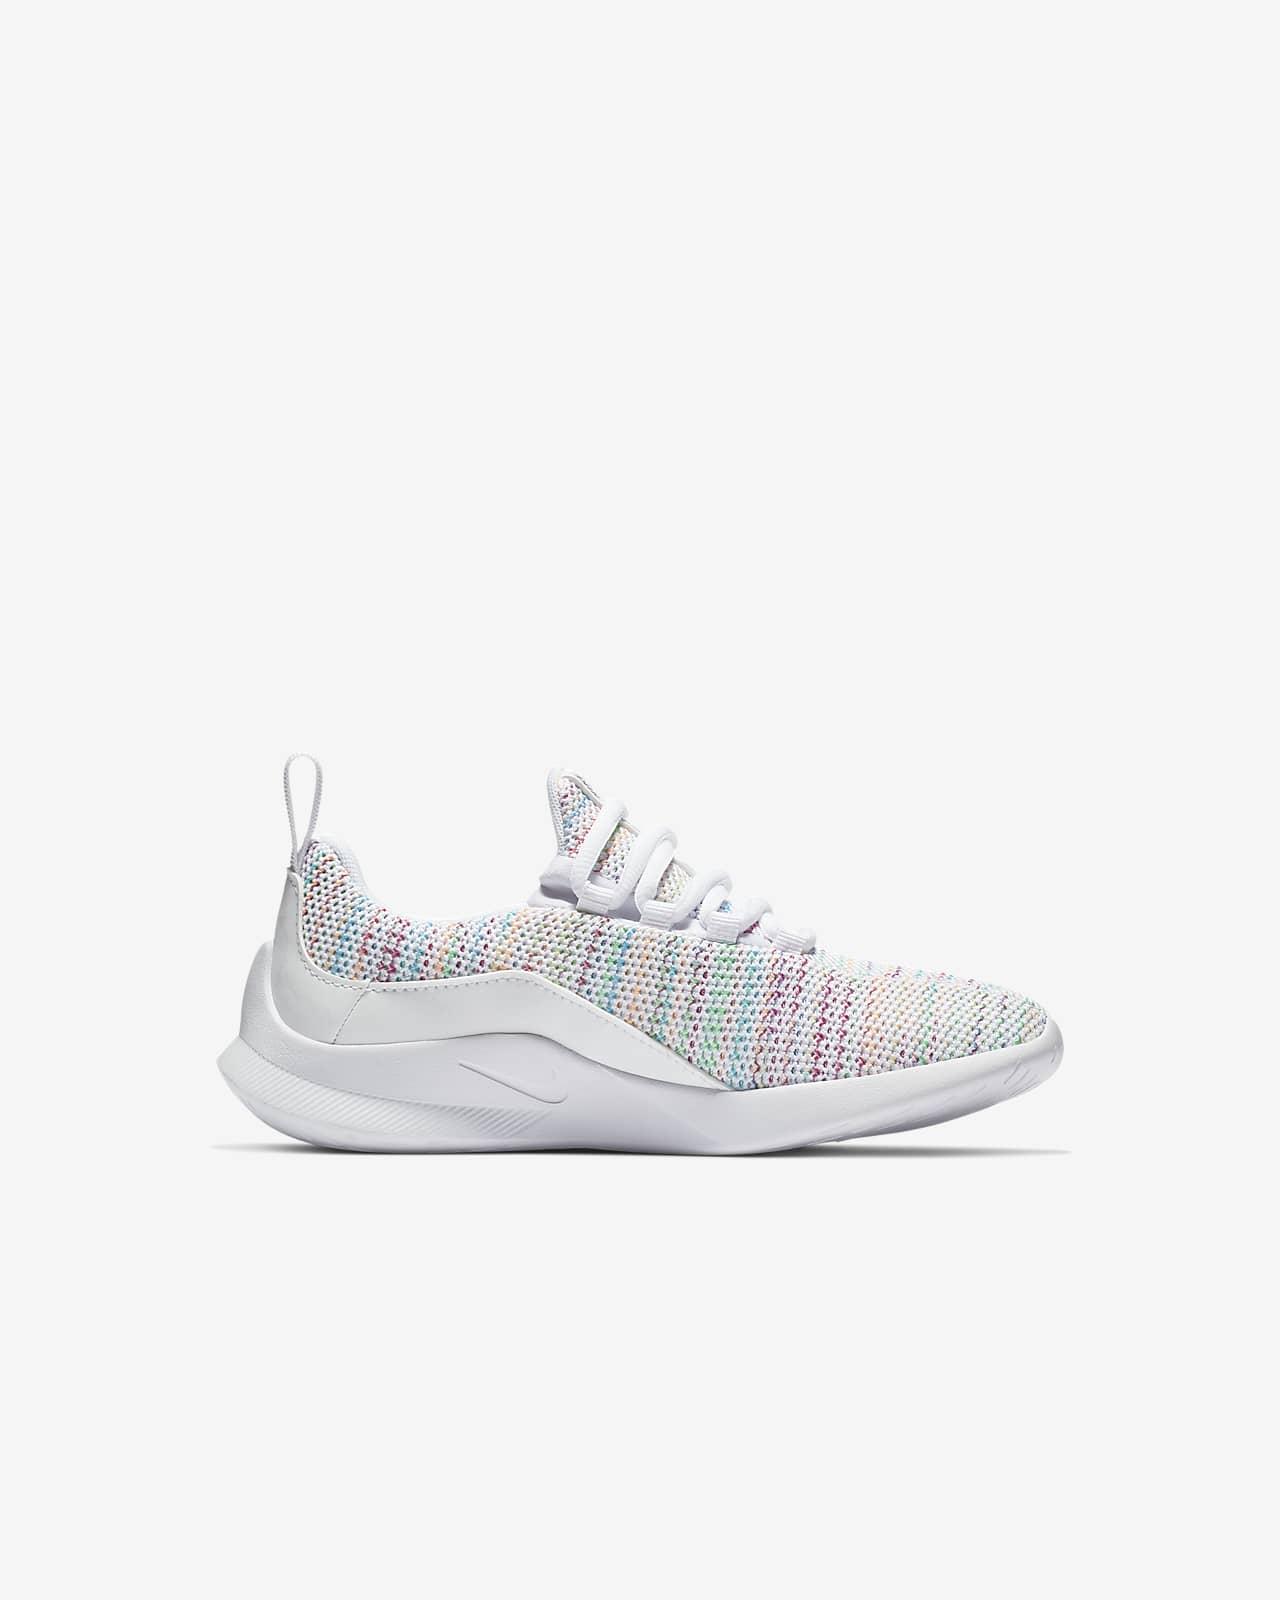 Nike Viale Space Dye Little Kids' Shoe